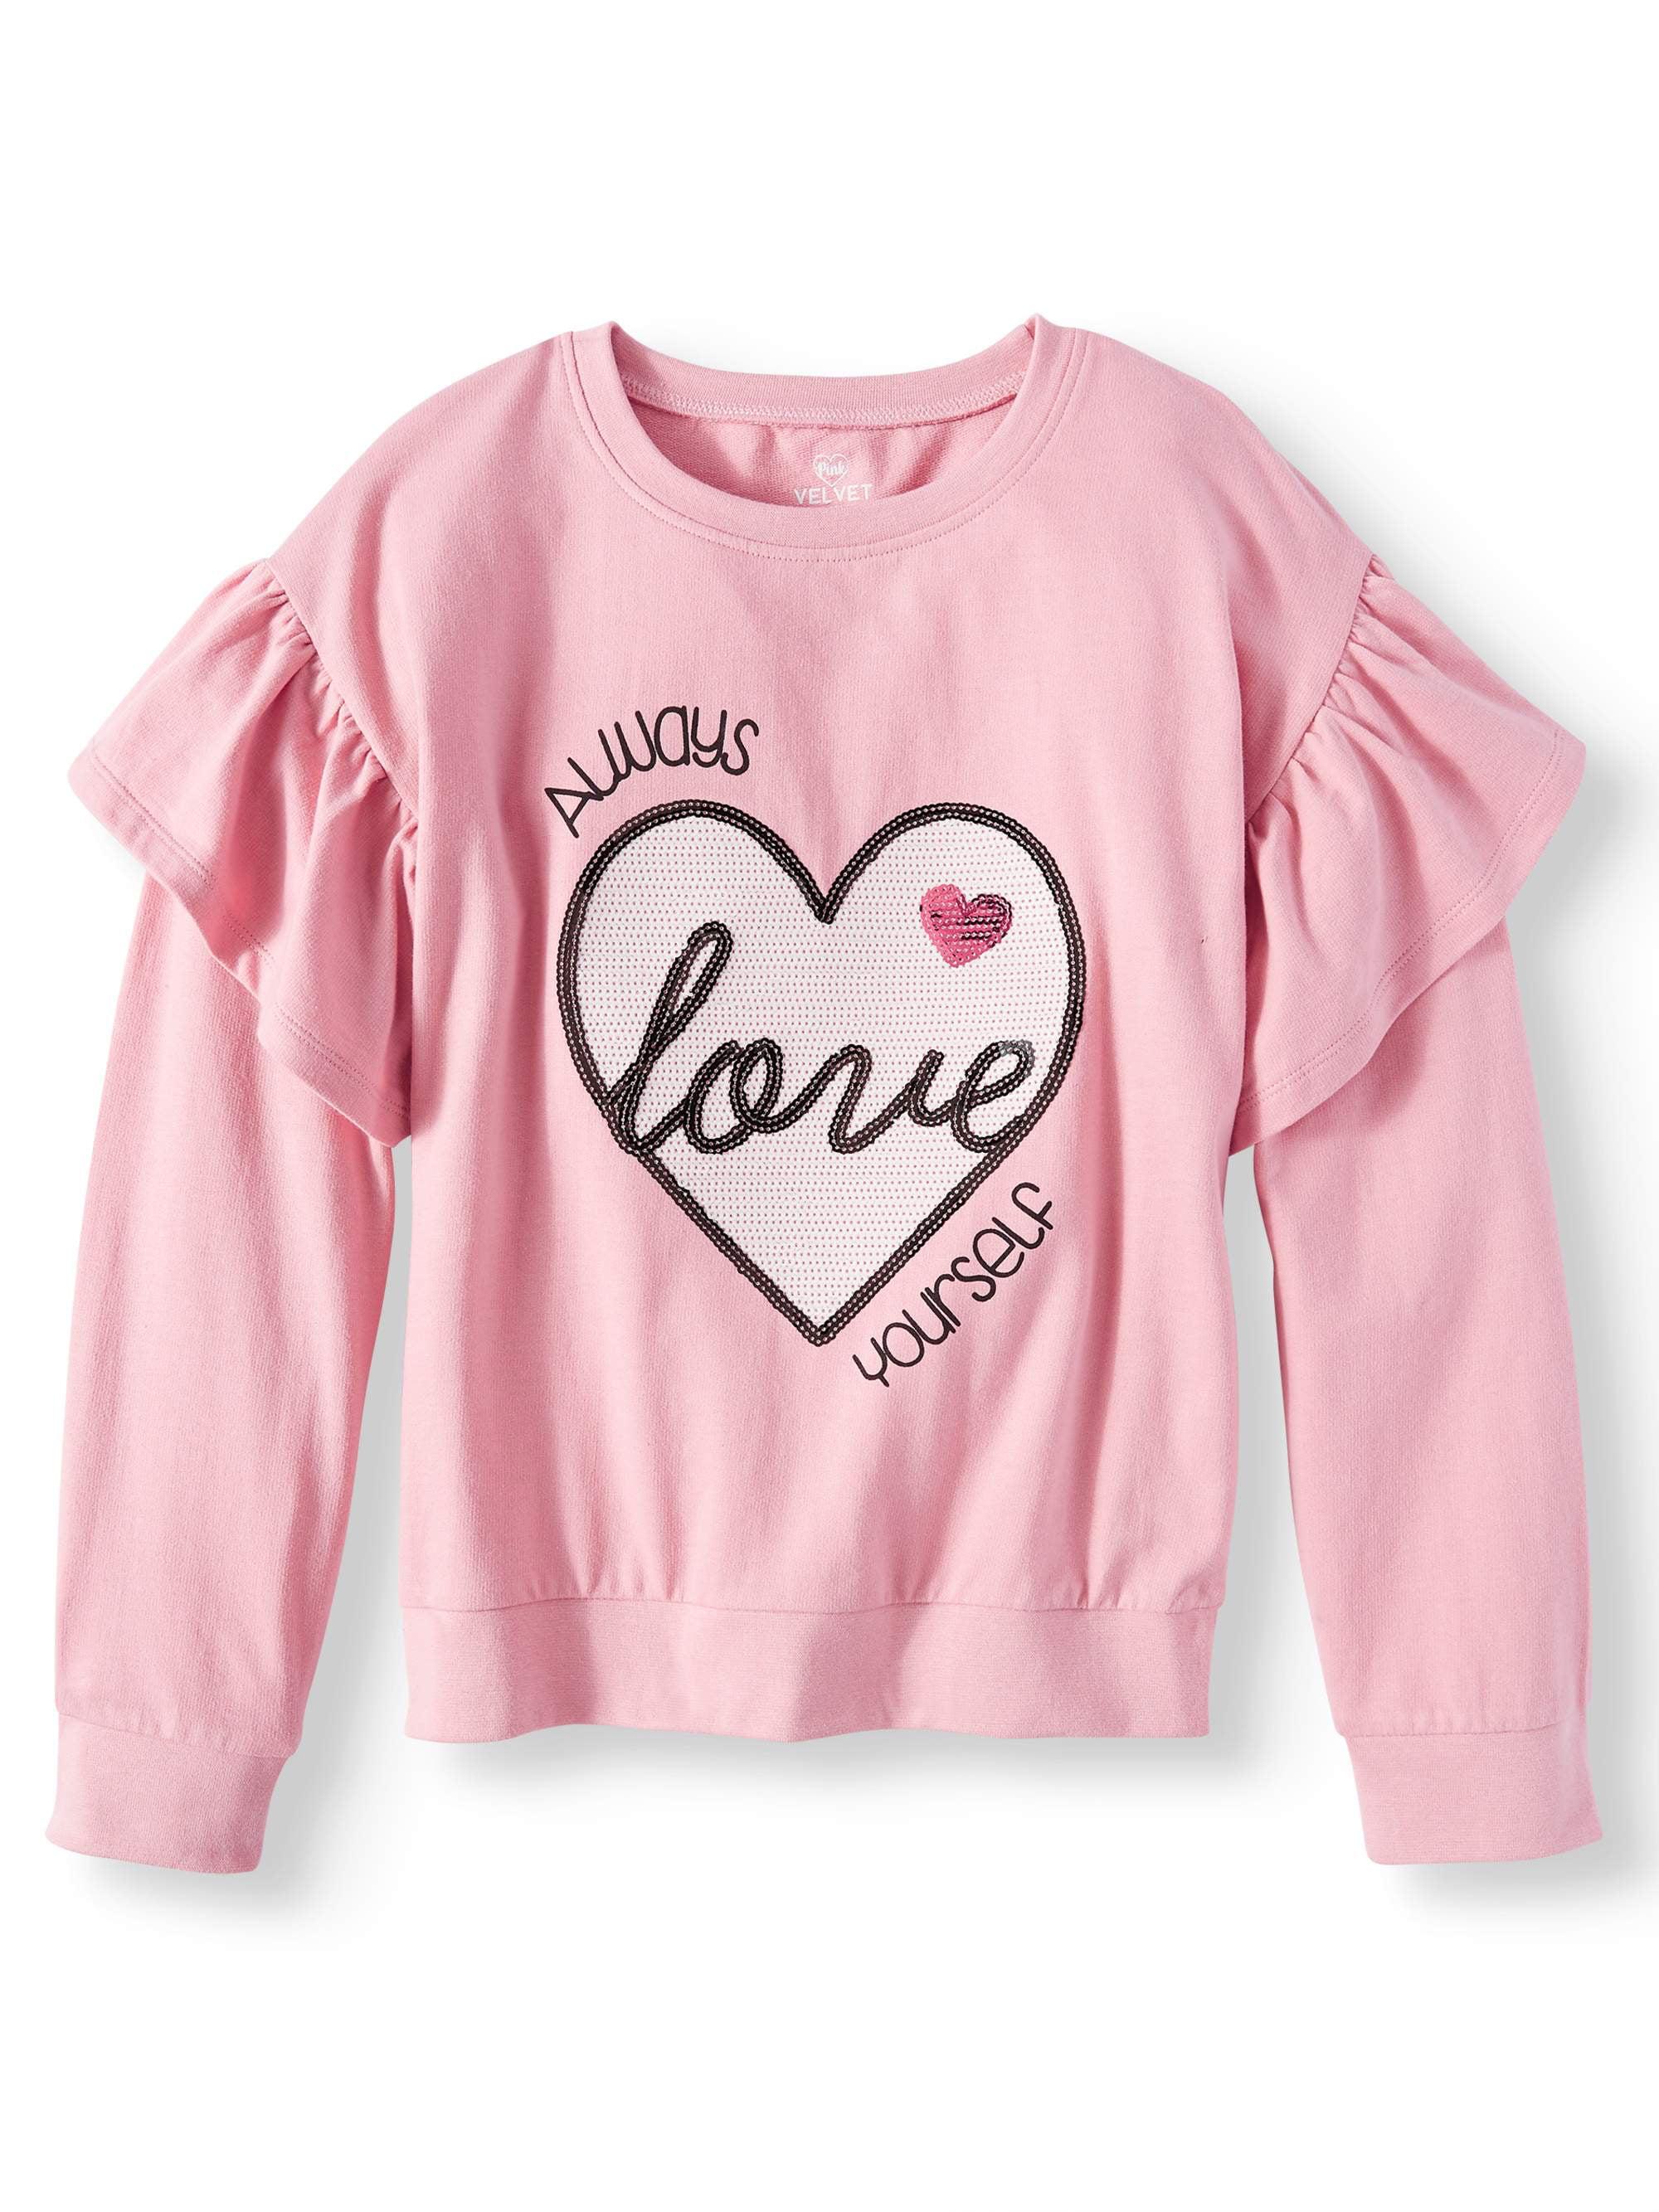 Sequin Graphic Ruffle Sleeve Sweatshirt (Little Girls & Big Girls)